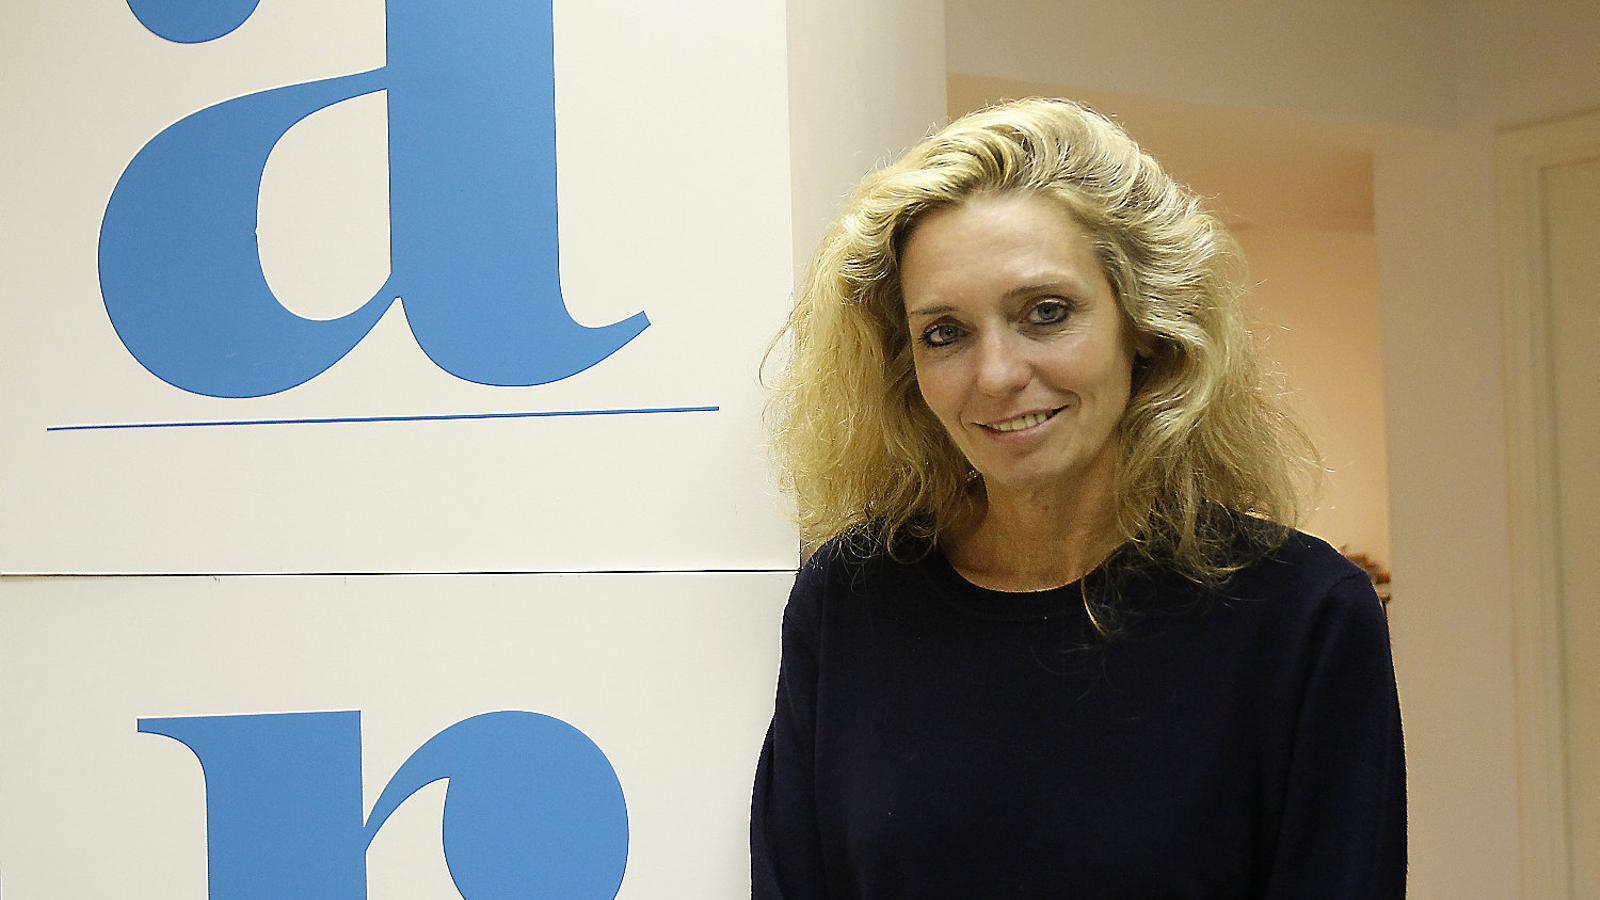 La nova directora, Aina Vives, s'incorporarà al diari en els pròxims dies.